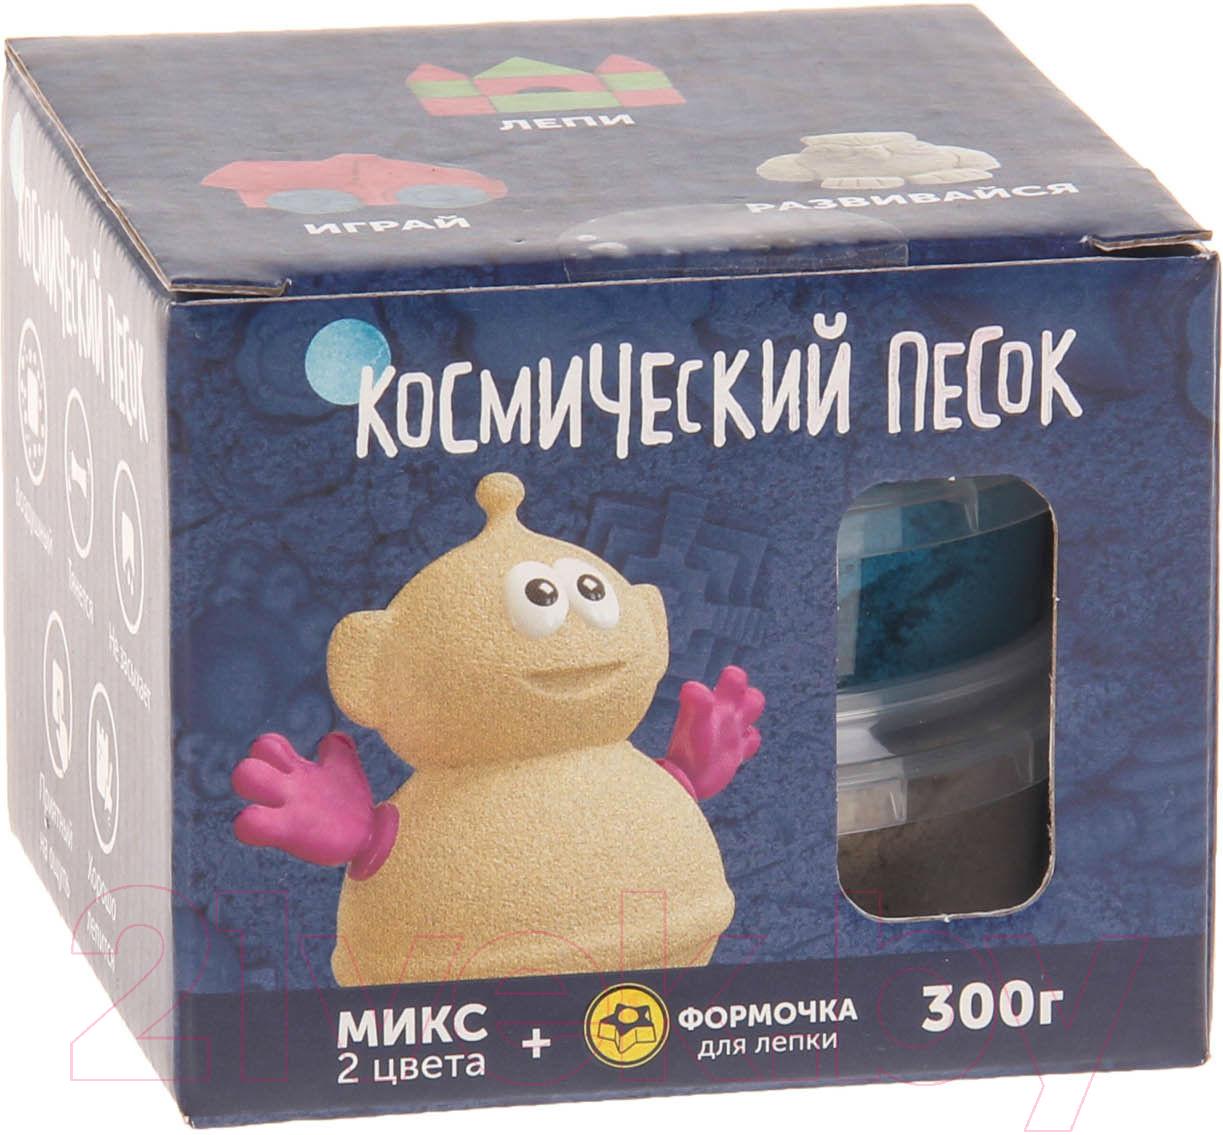 Купить Набор для лепки Космический песок, Микс голубой KP015SB (0.3кг), Россия, пластик